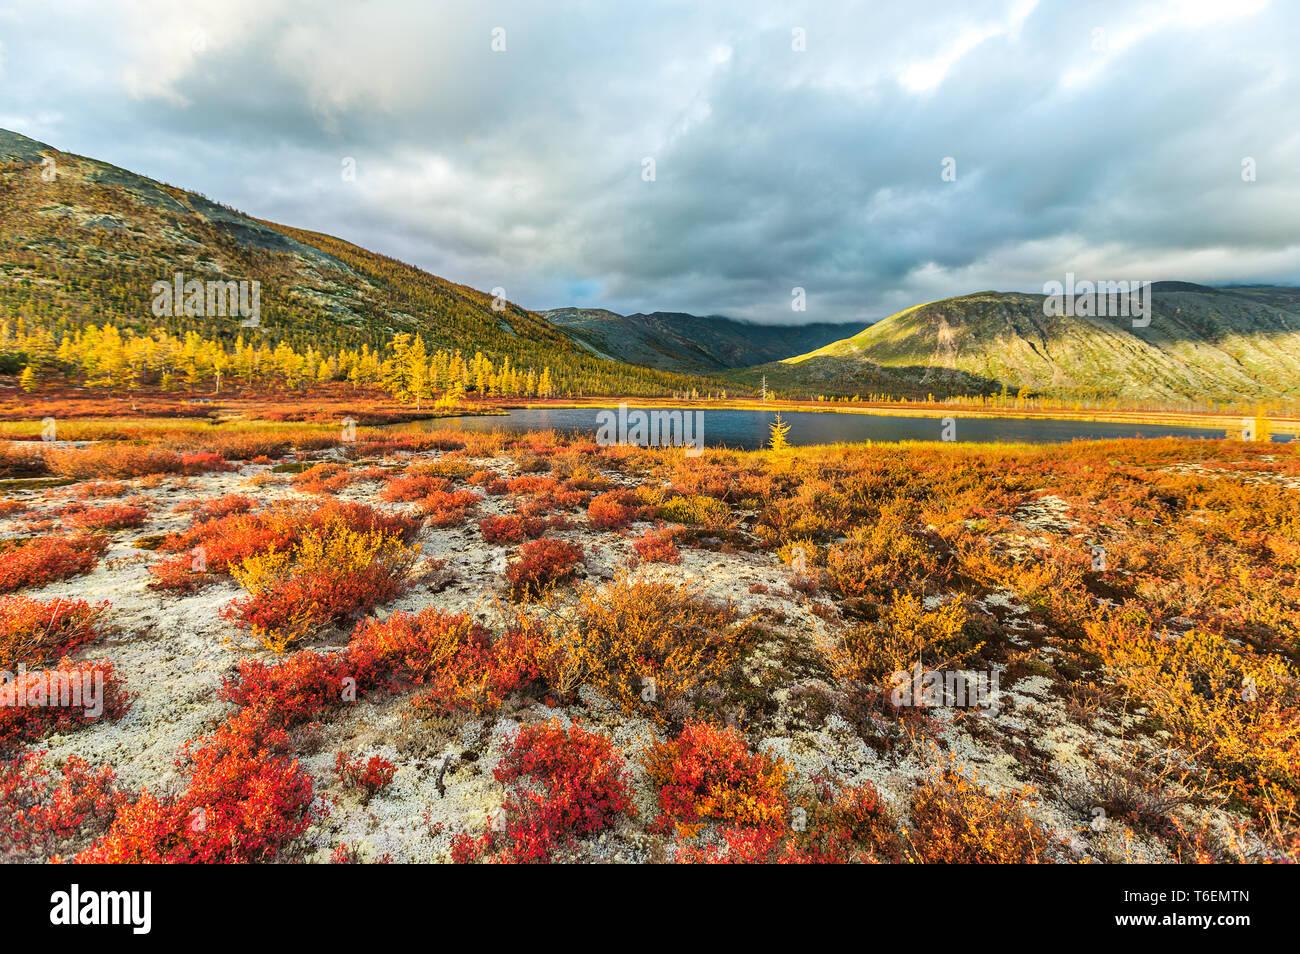 Autumn on Jack London's lake. - Stock Image